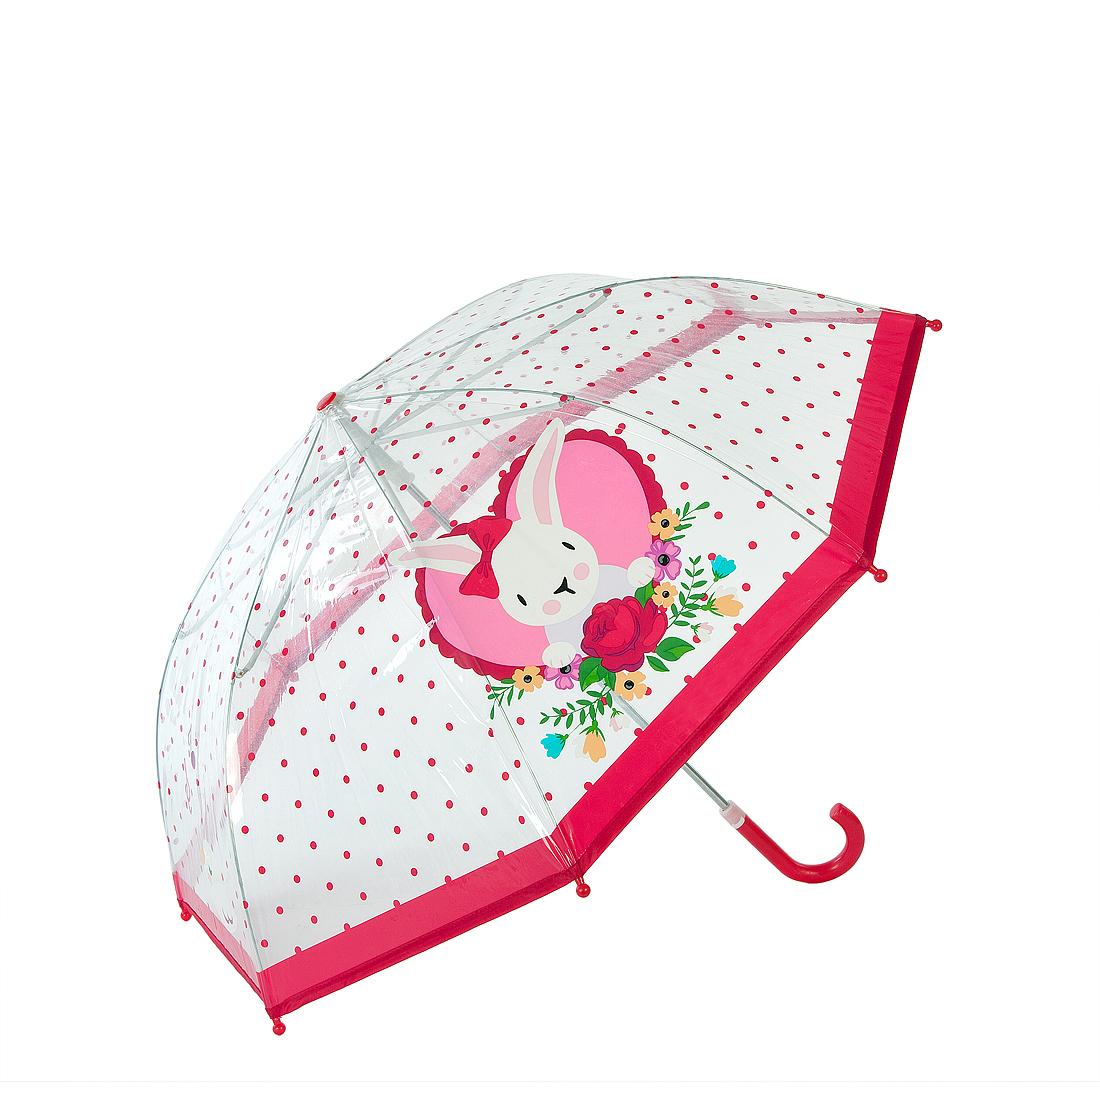 Зонты Mary Poppins Зонт детский Mary Poppins « Rose Bunny» прозрачный 46 см детские зонтики mary poppins автомобиль 46 см